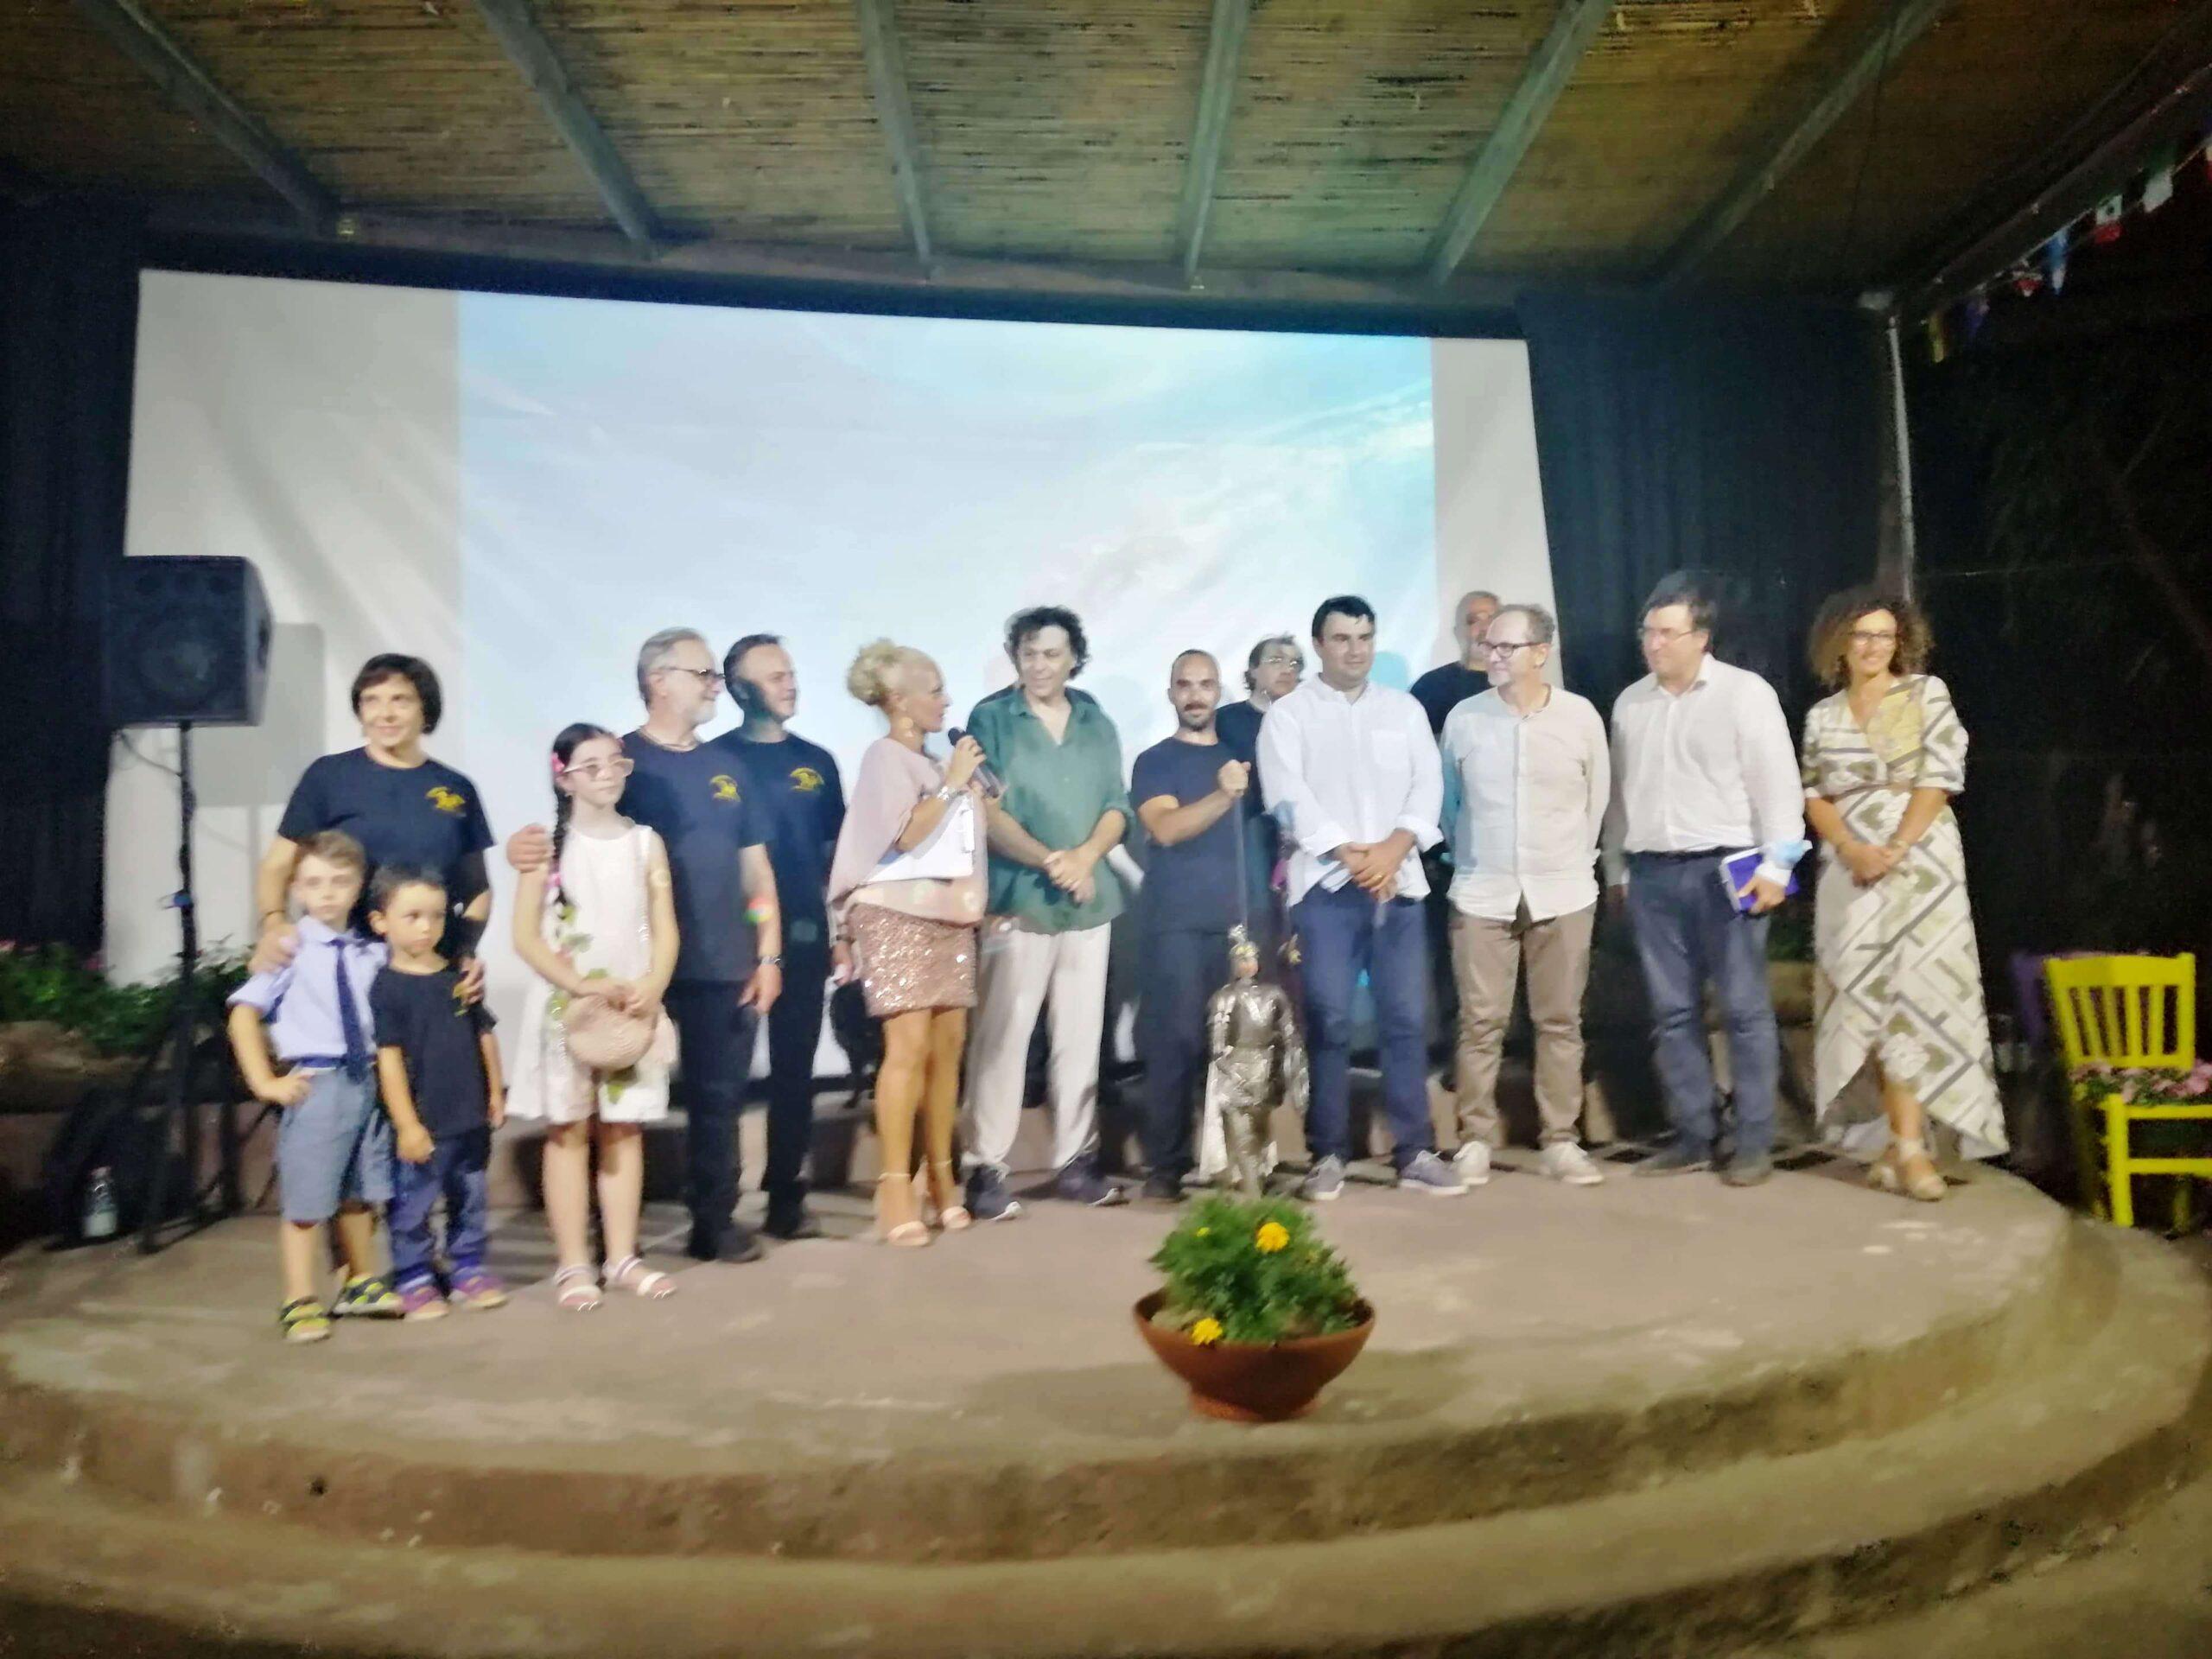 """Omaggio alla sicilianità con i Fratelli Napoli e riflessioni sulla difficile situazione di Lampedusa per la terza serata di """"Beteyà Color in the night"""""""